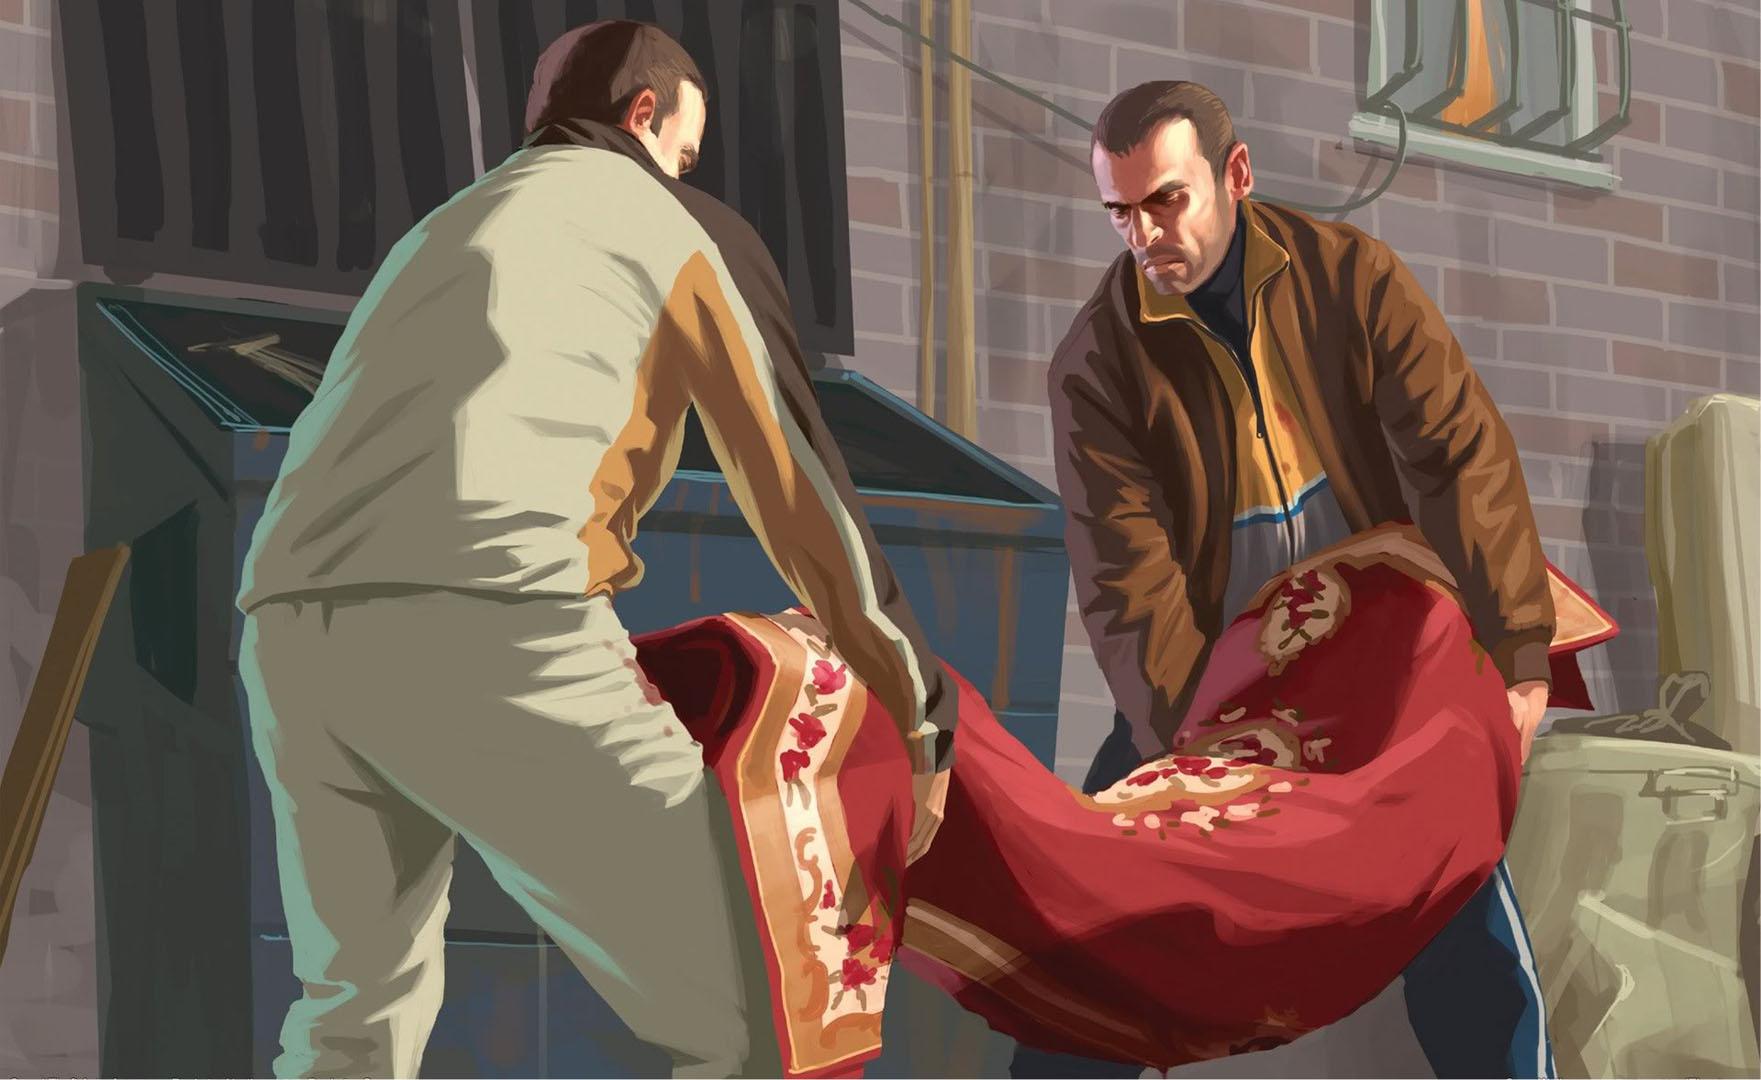 Disposing The Body In The Bin